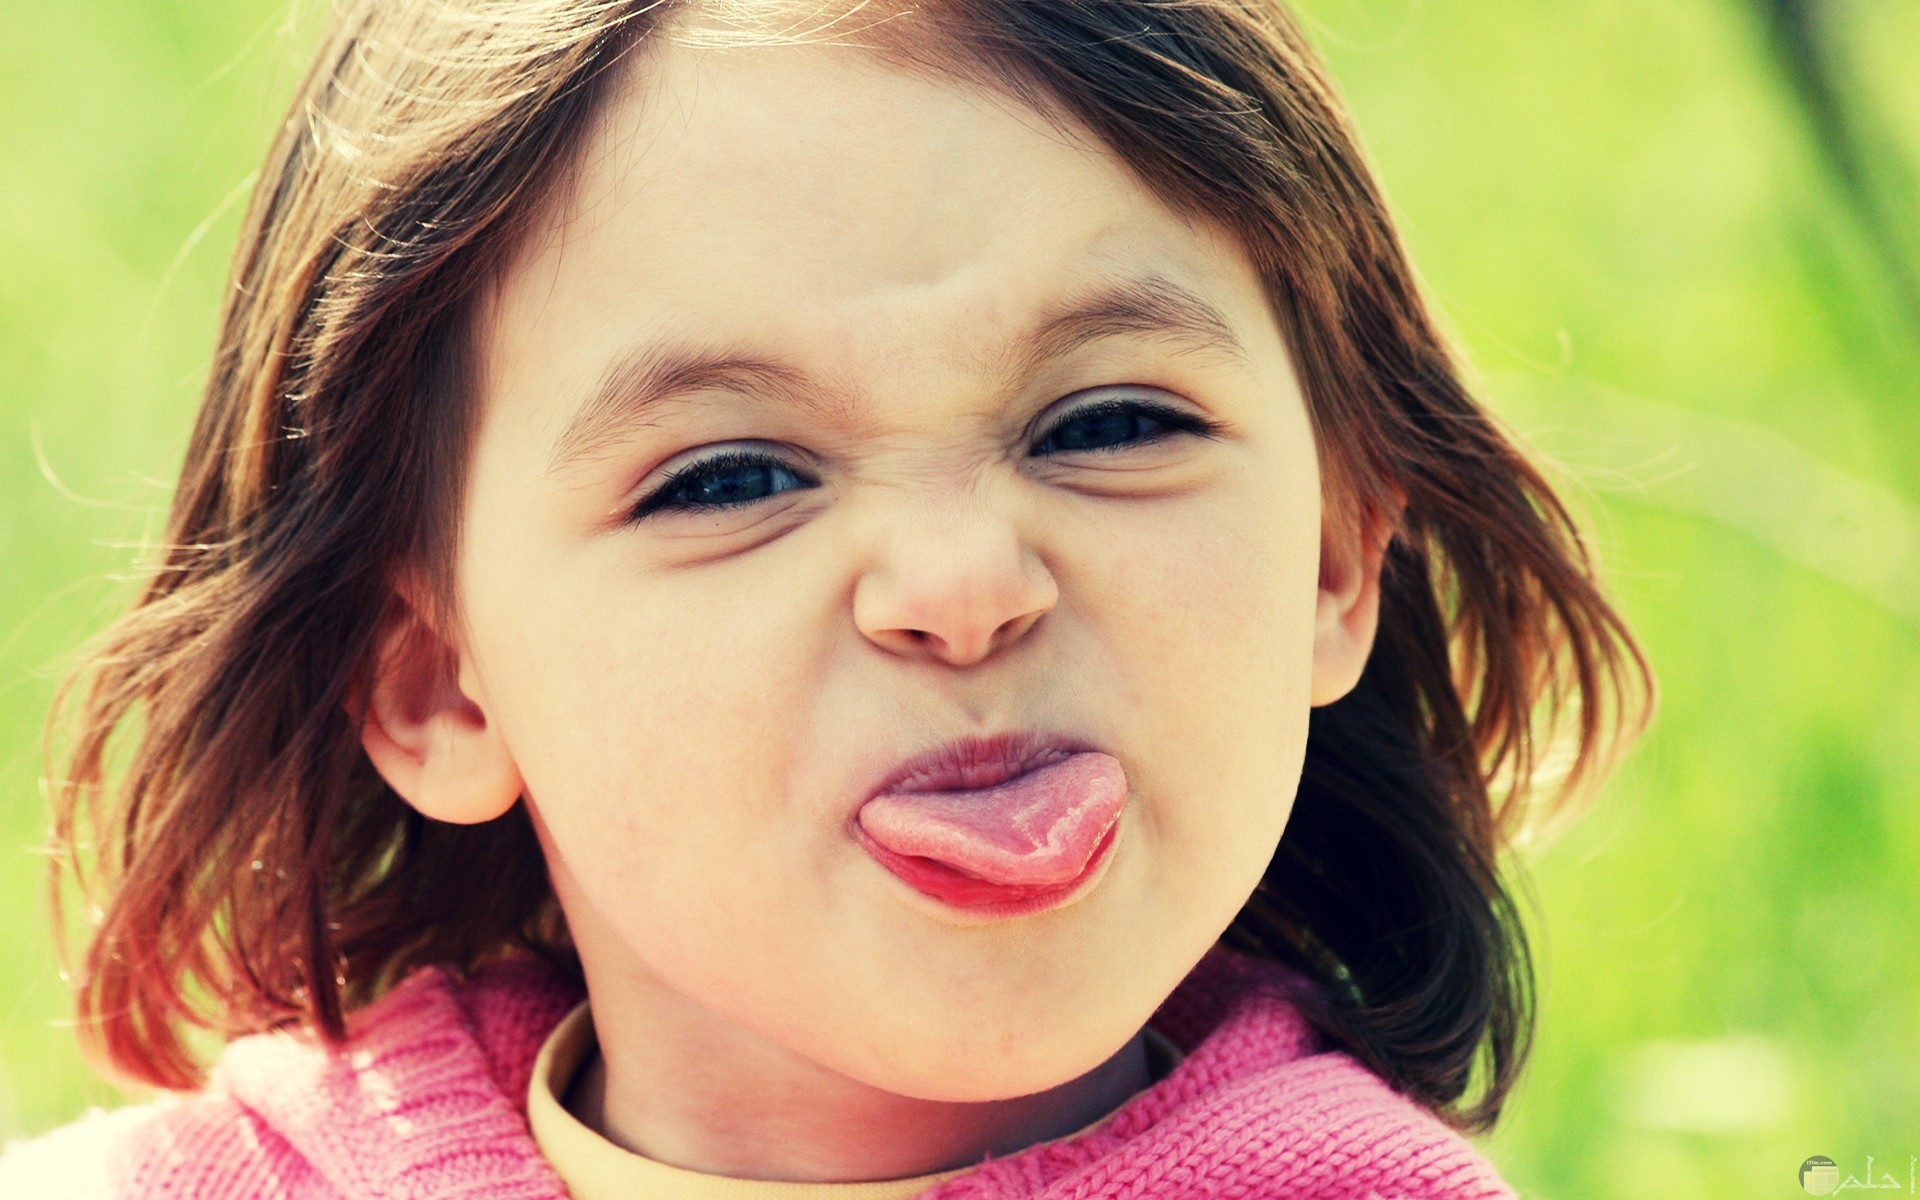 بنت صغيرة وايموشن مضحك